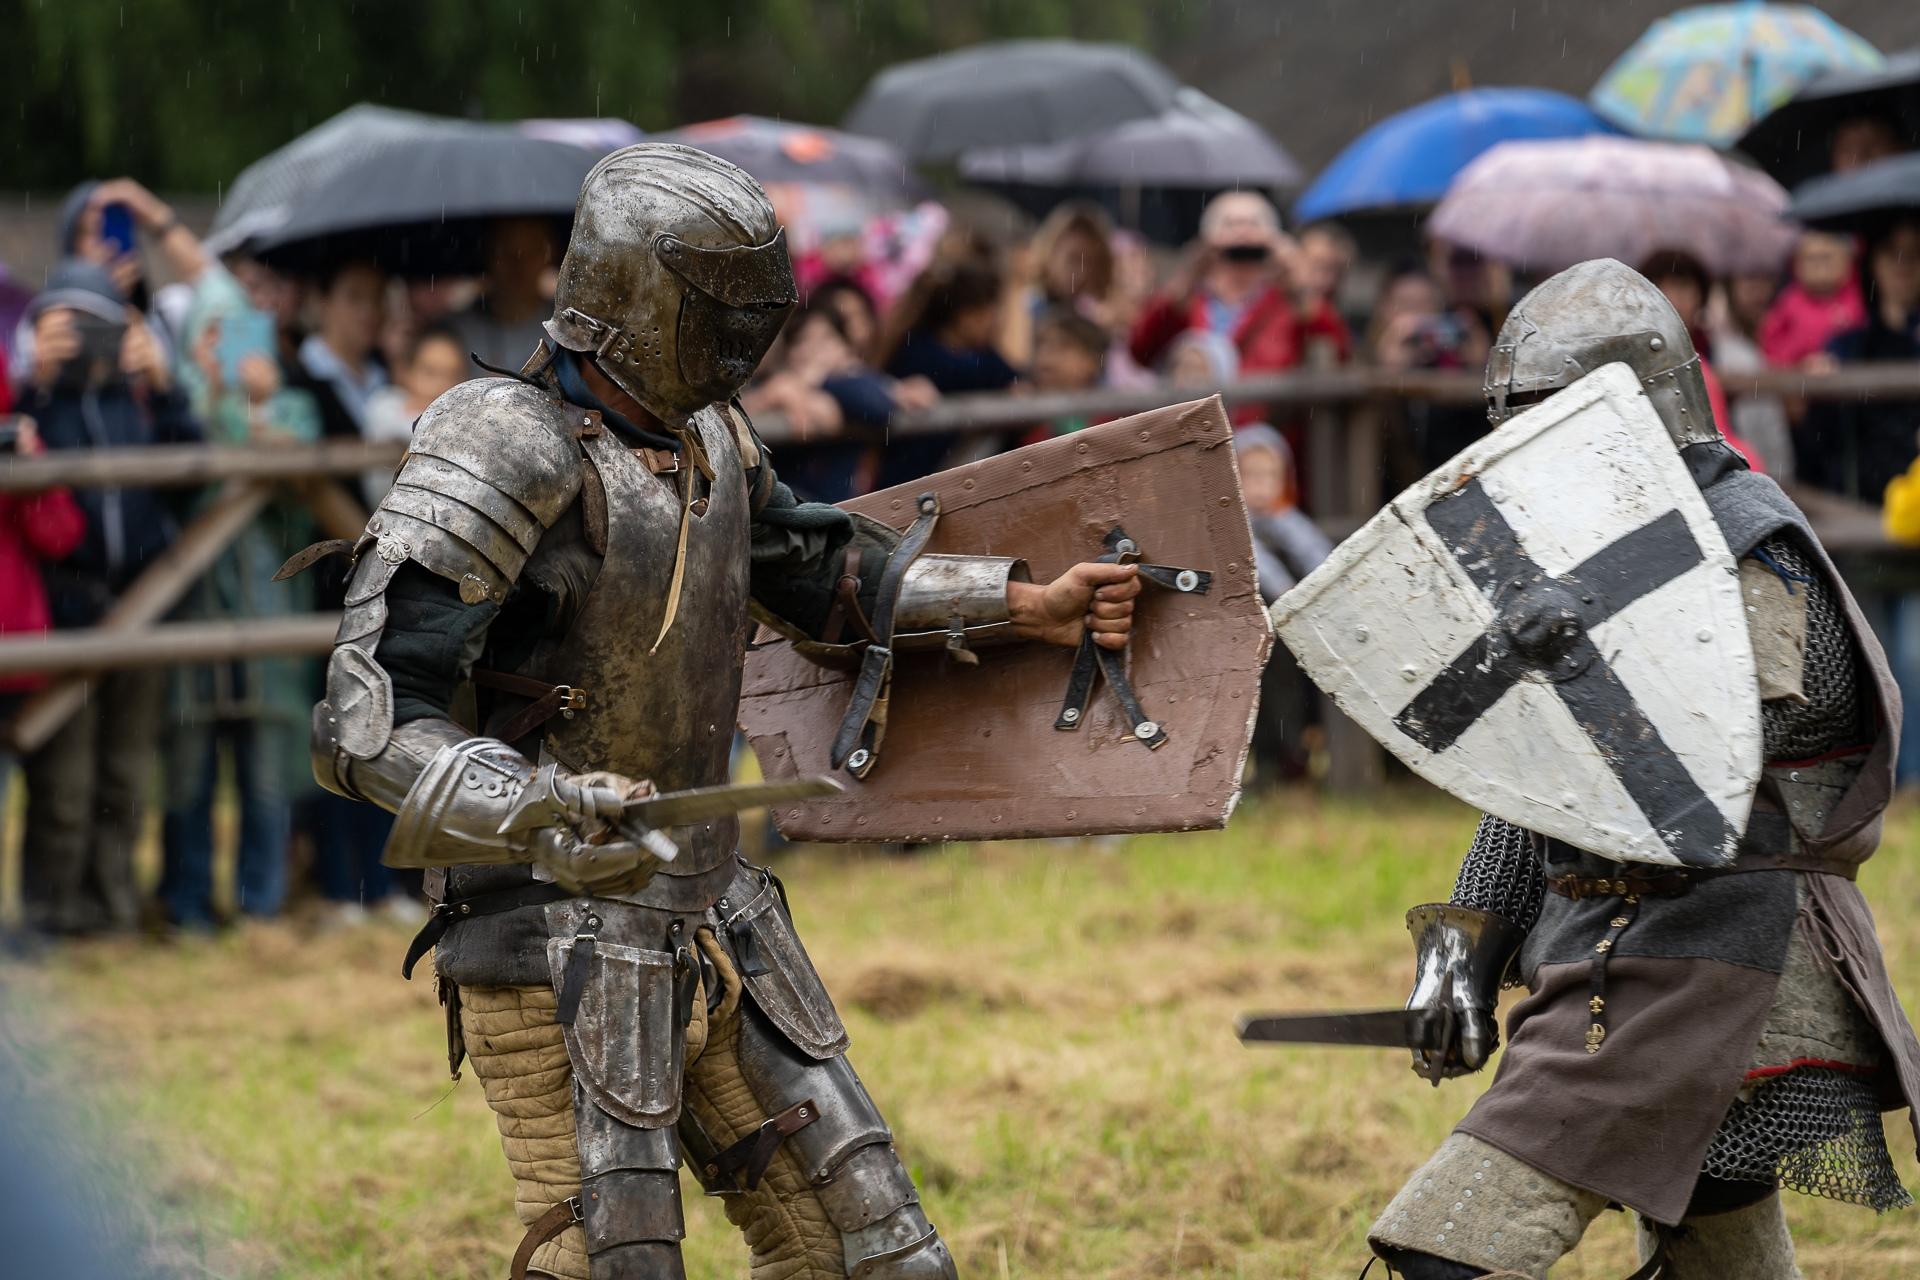 Во второй день фестиваля «Новоторжский рубеж» состоится рыцарская дуэль и мастер класс по средневековым танцам